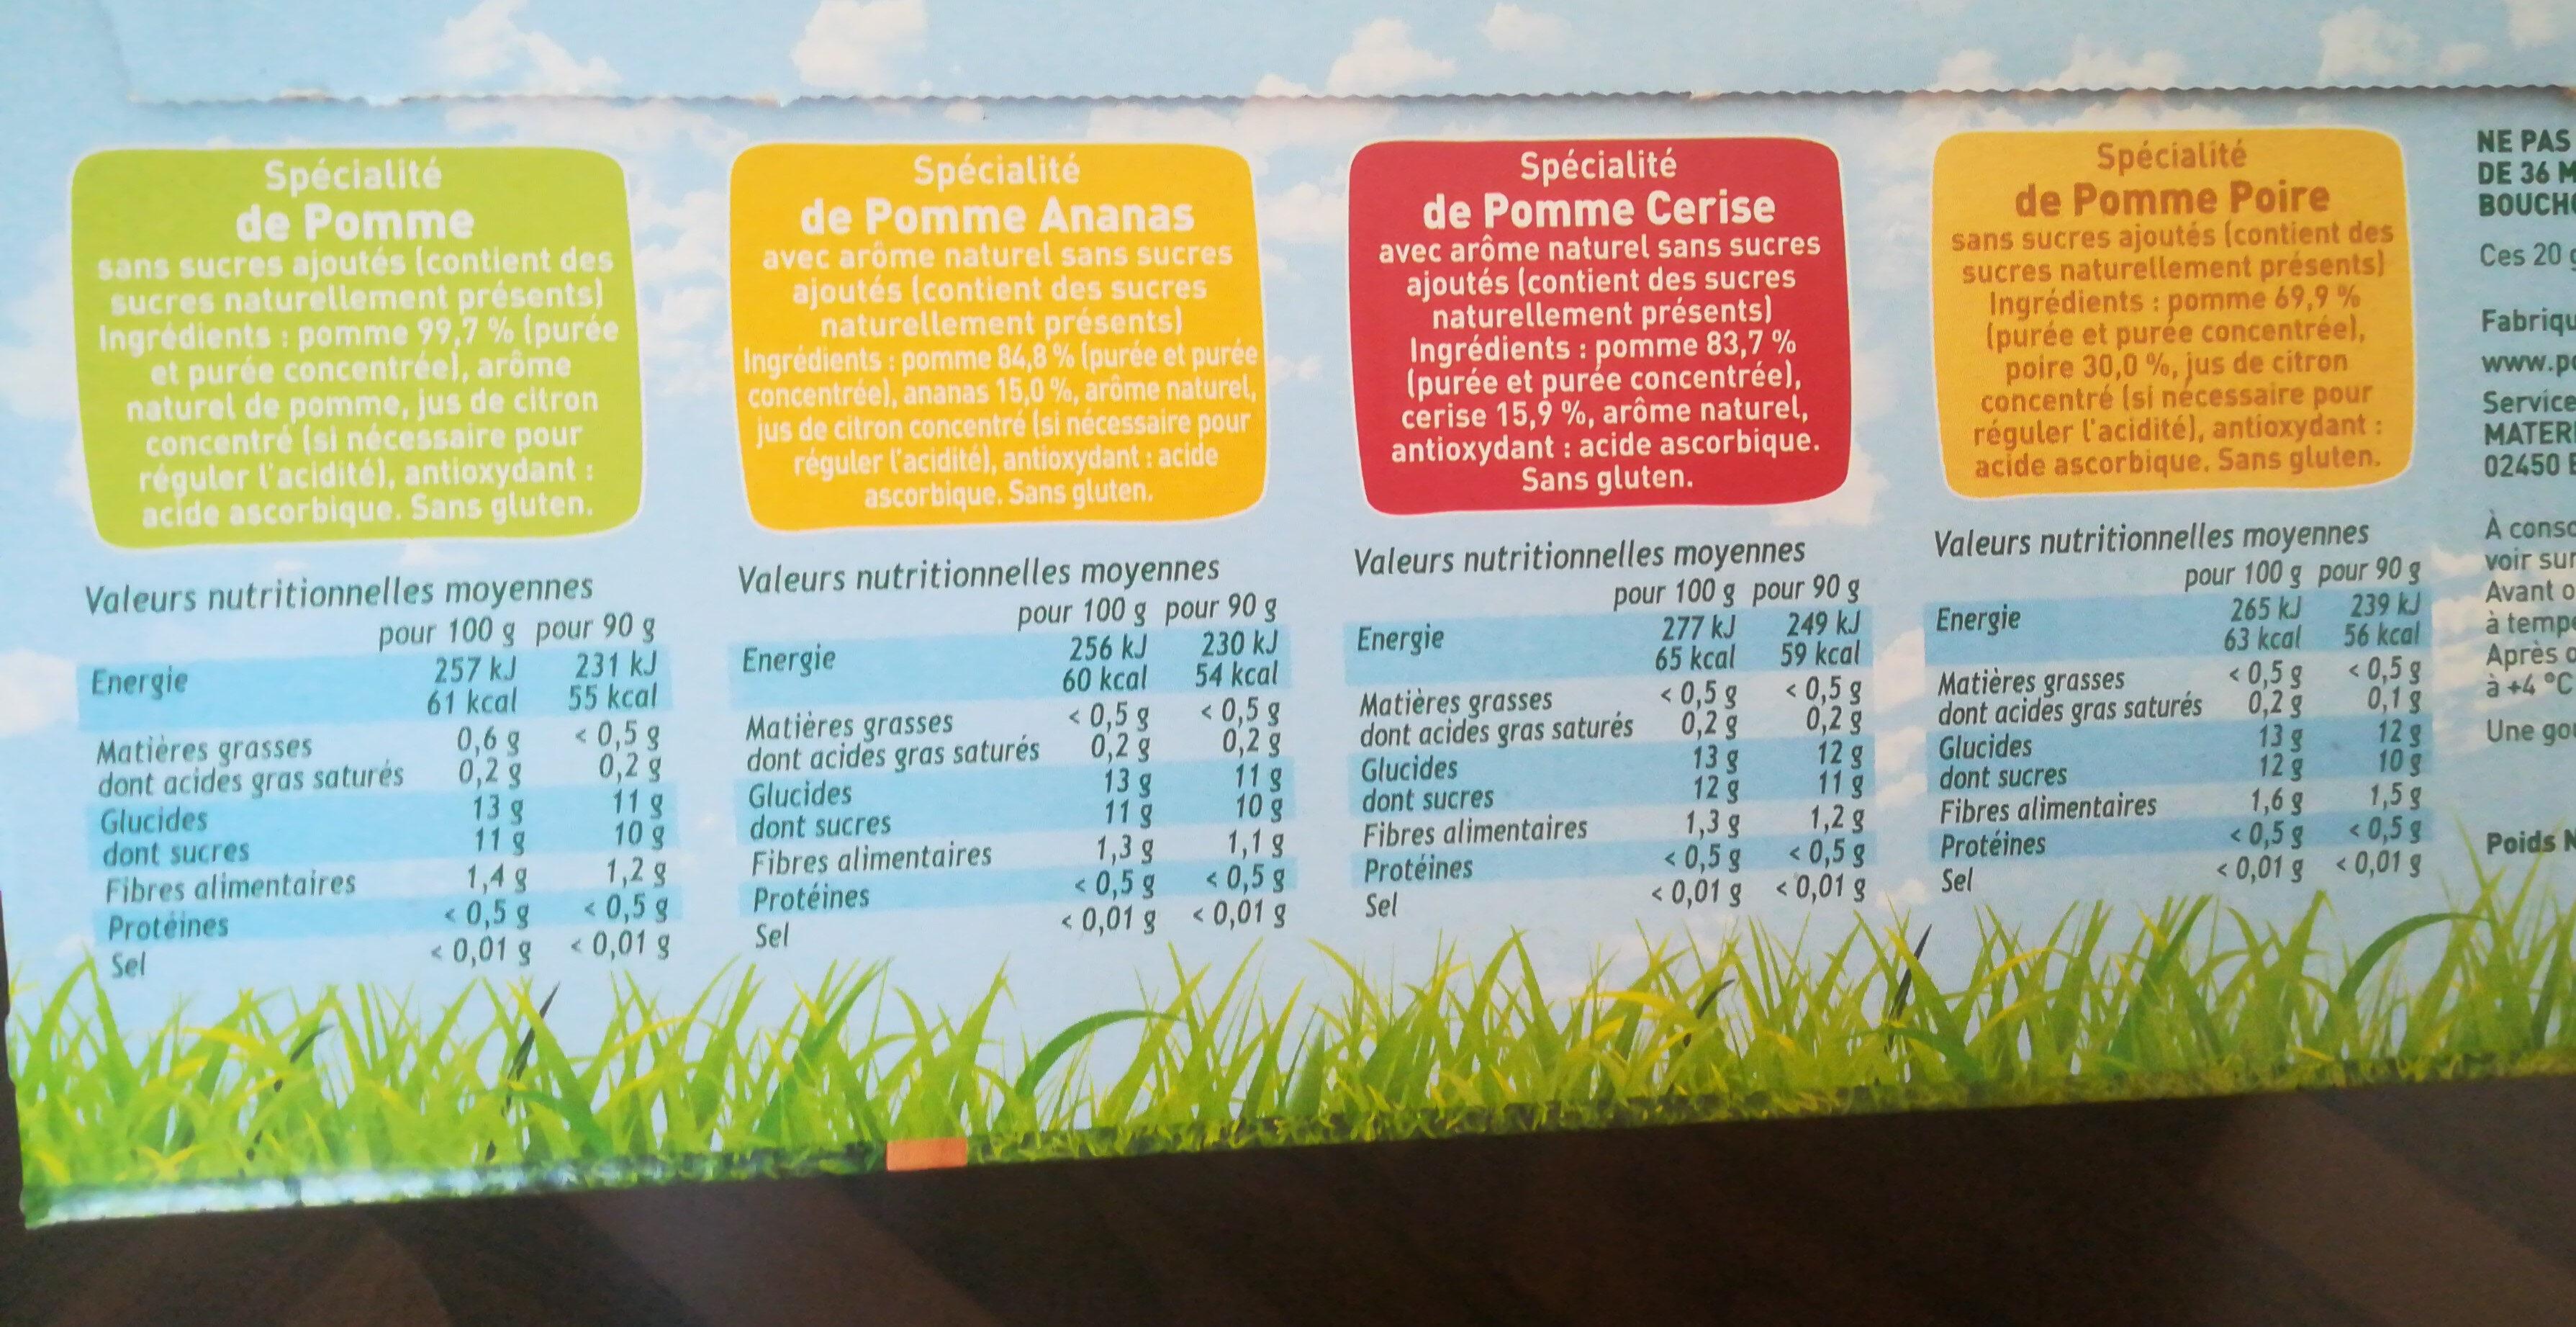 Pom'potes sans sucres ajoutés (format familial) - Informations nutritionnelles - fr